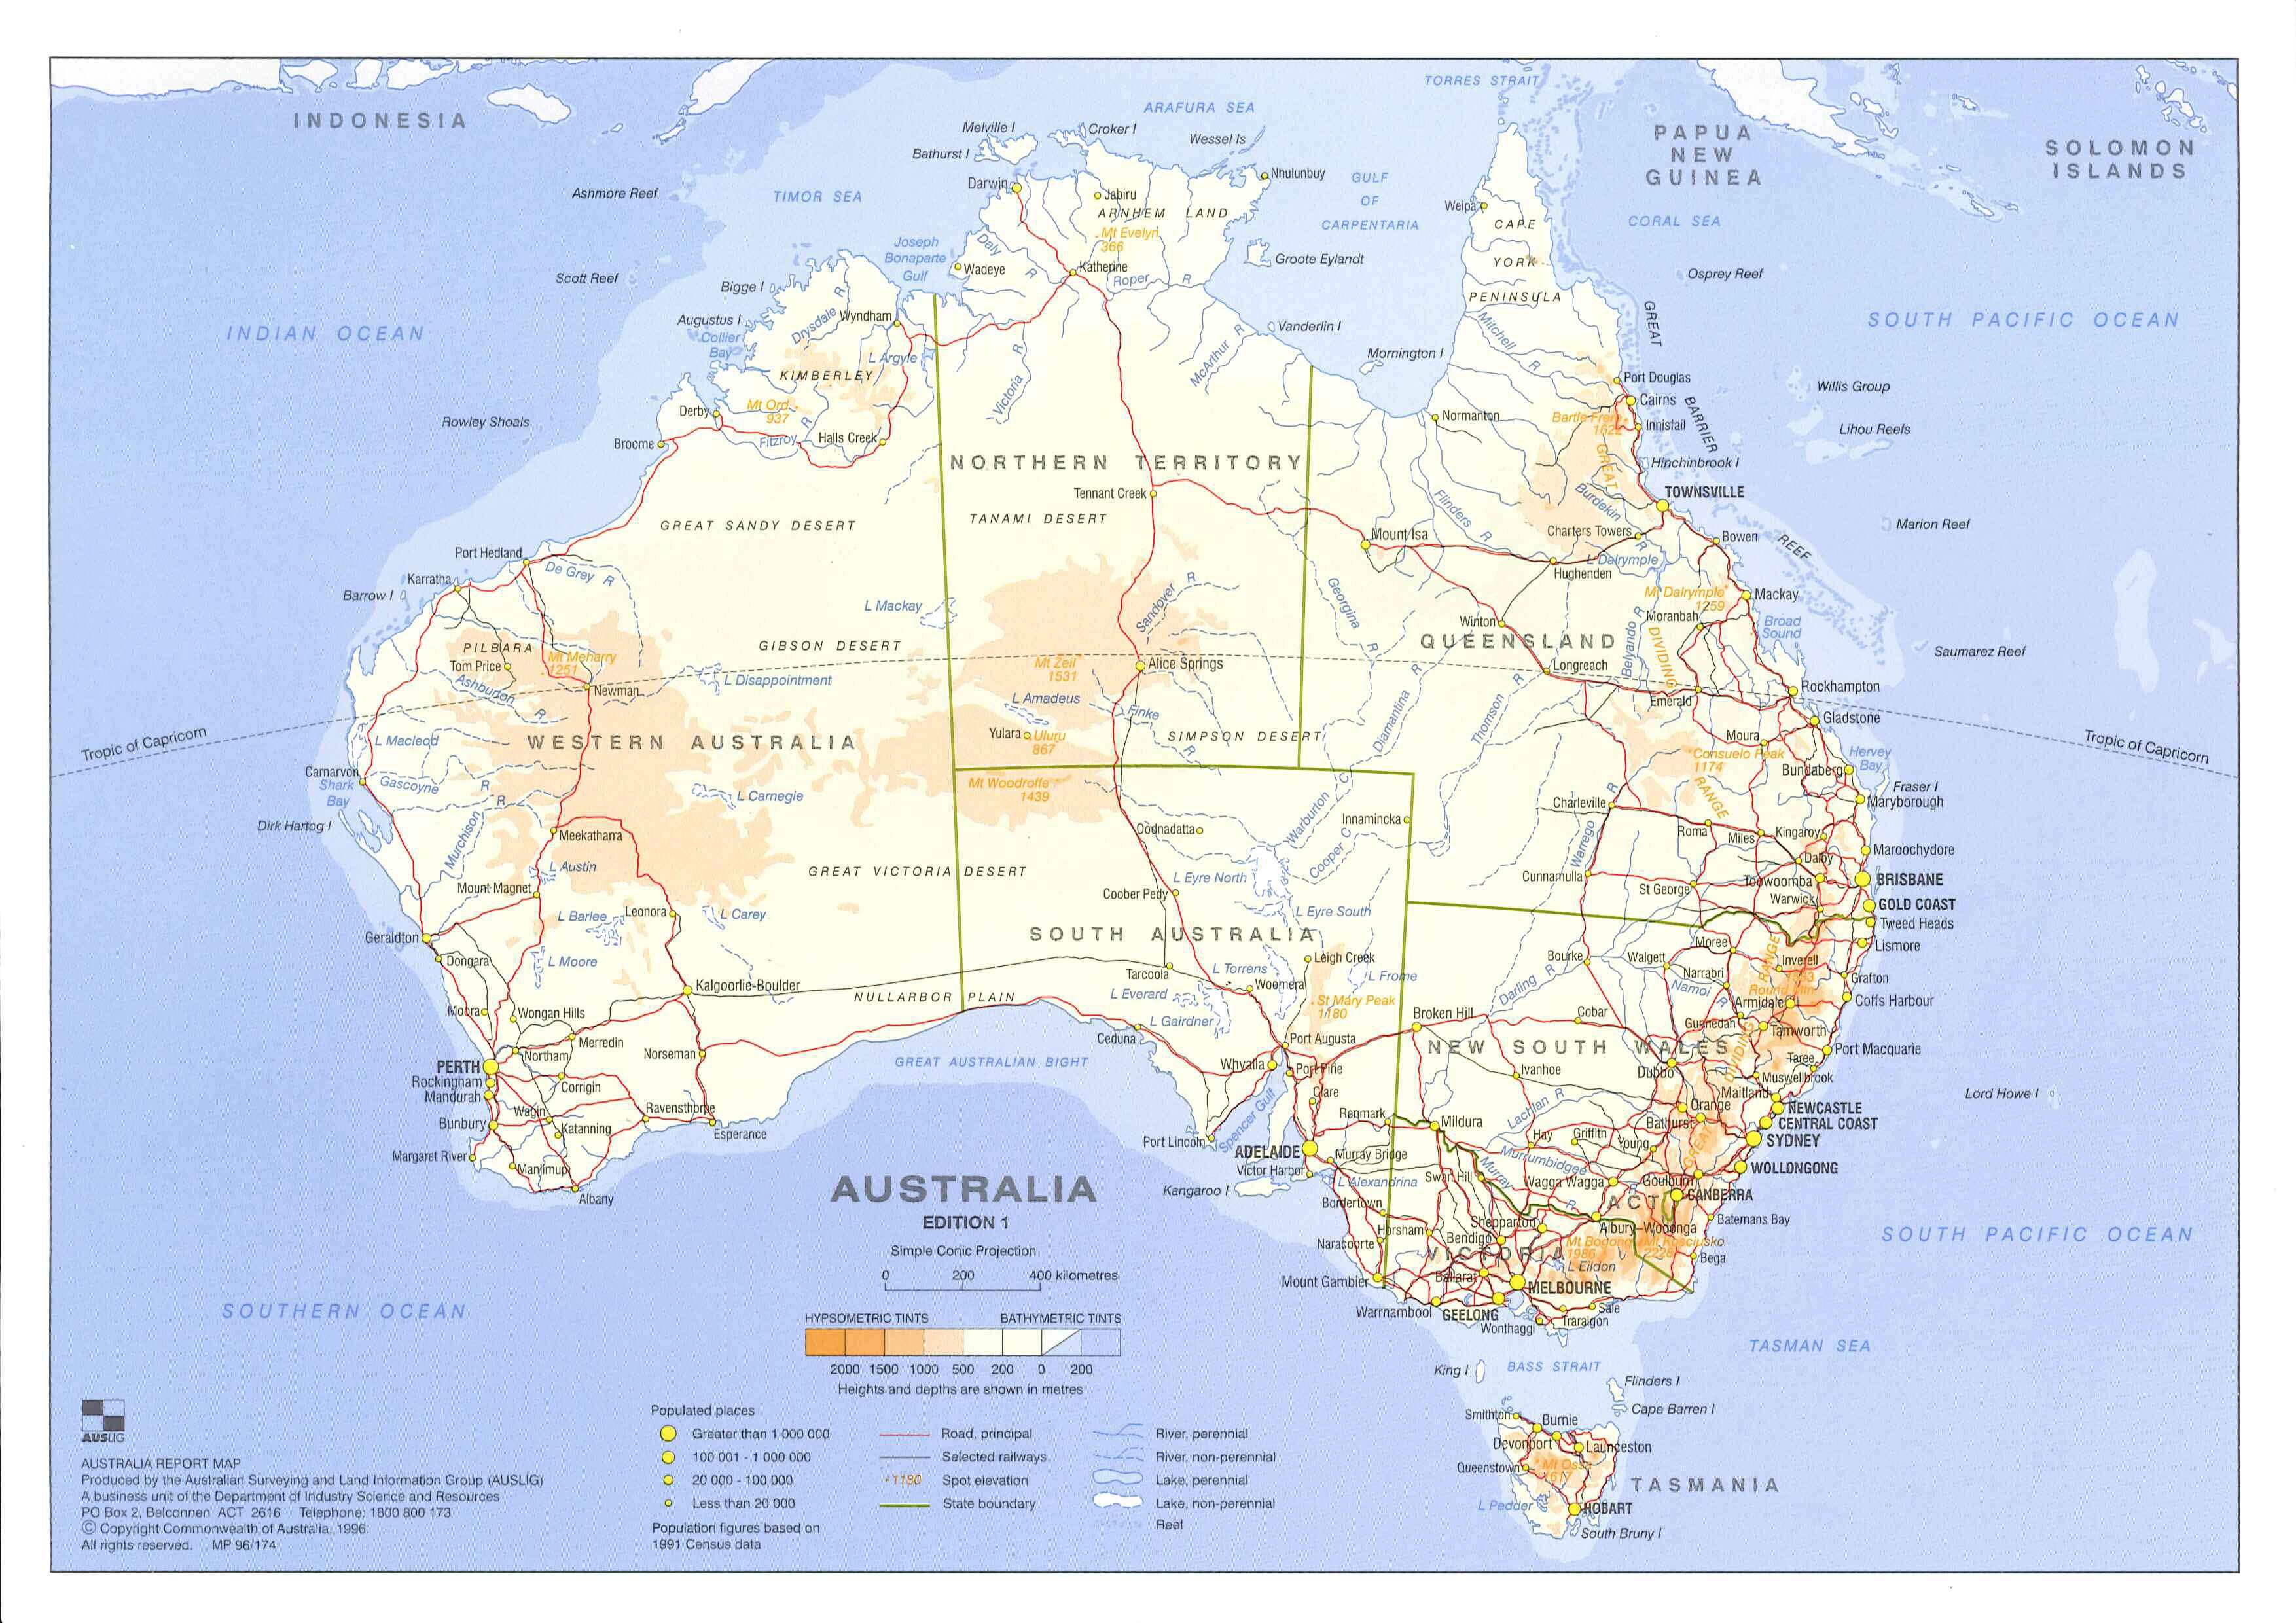 australie programme de recherche sogip chelles de gouvernance et droits des peuples autochtones. Black Bedroom Furniture Sets. Home Design Ideas